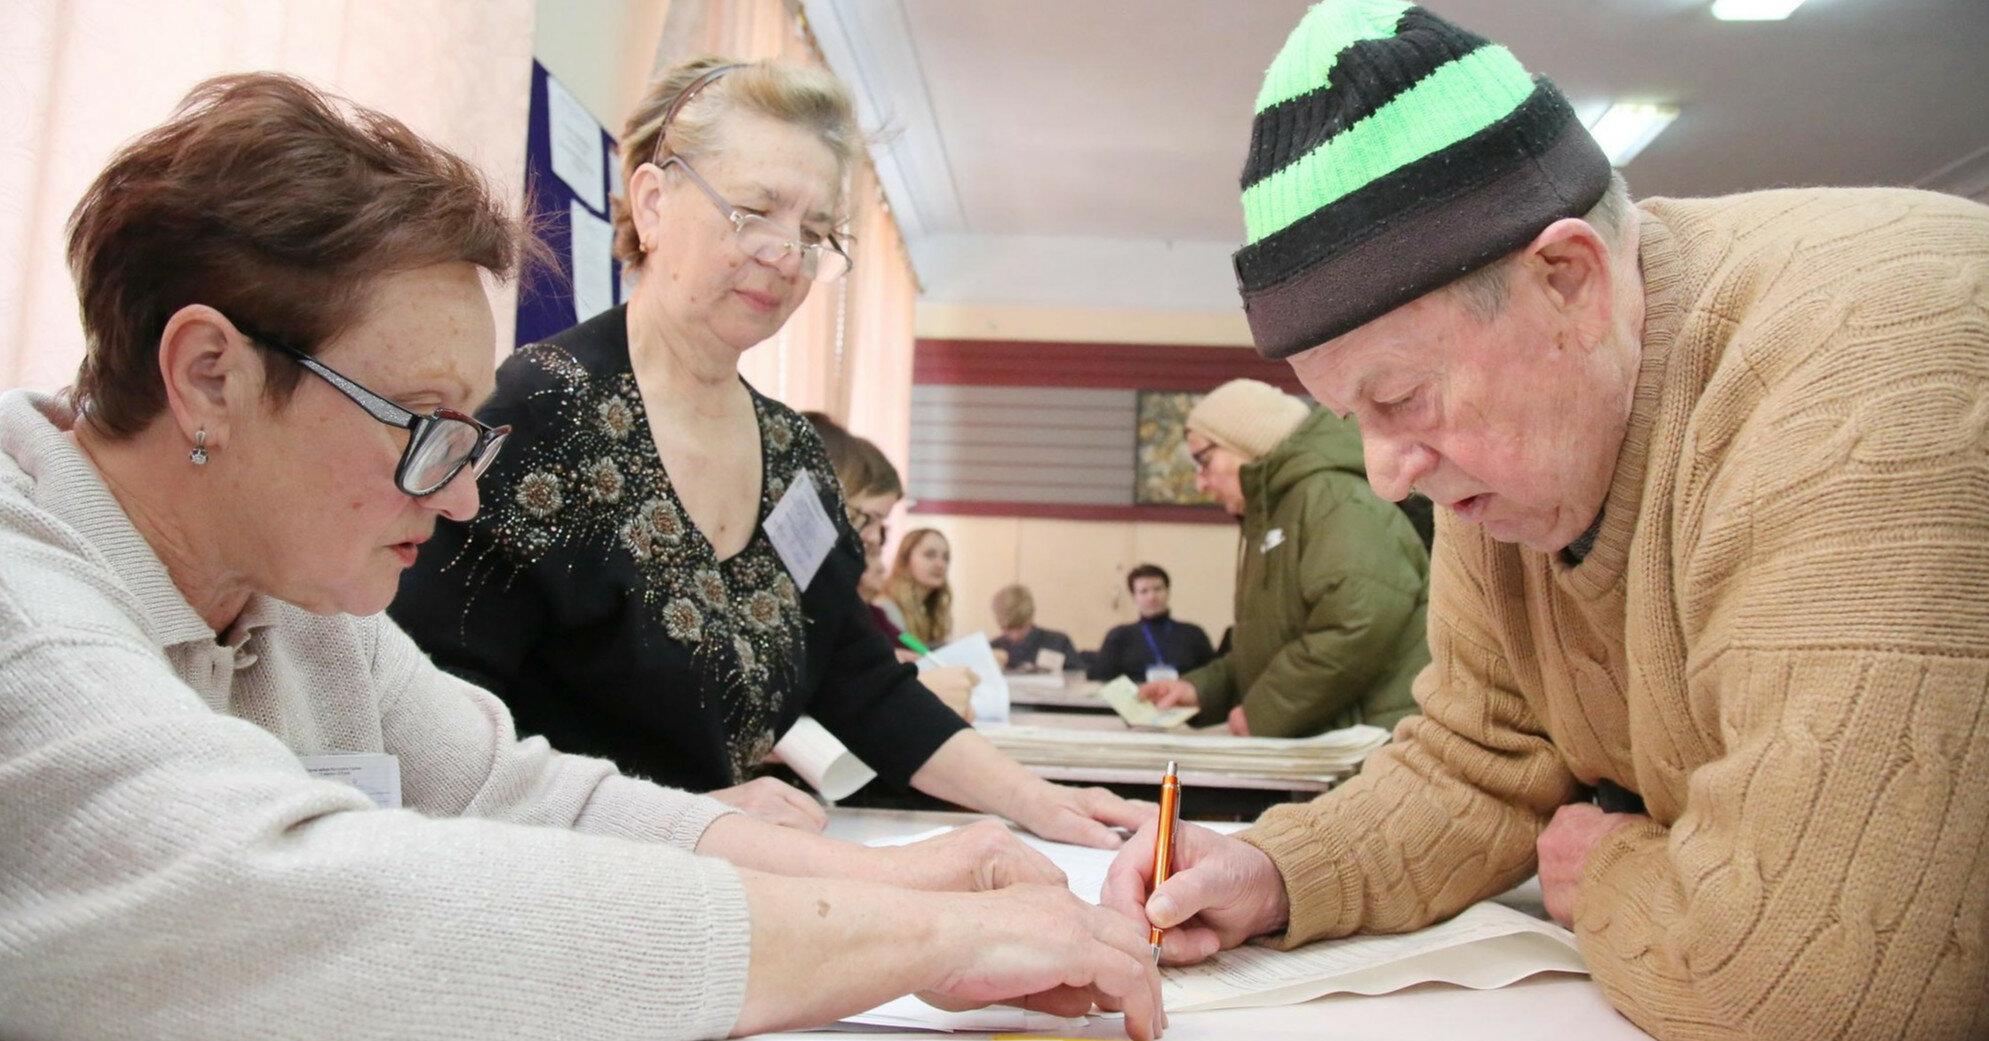 ЦВК відмовила групі, яка хотіла референдум щодо землі